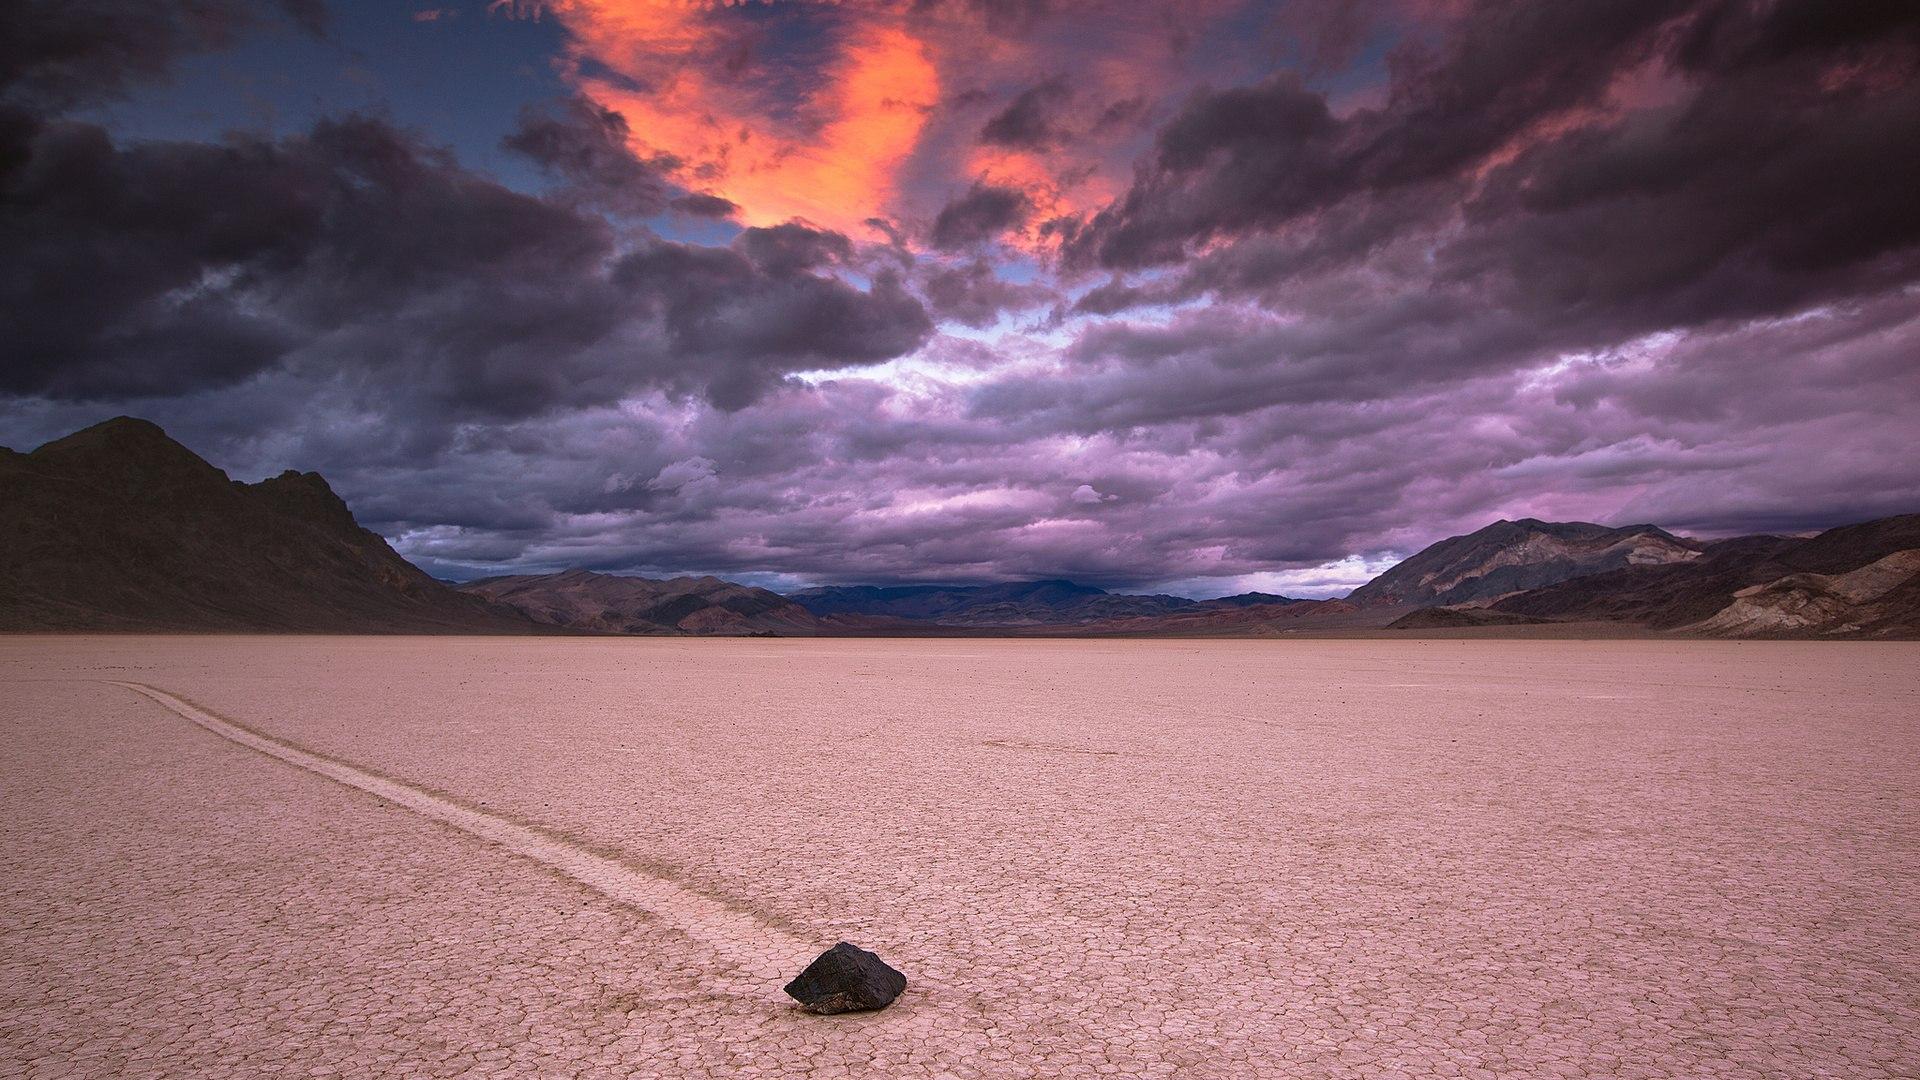 desert sunset death - photo #16